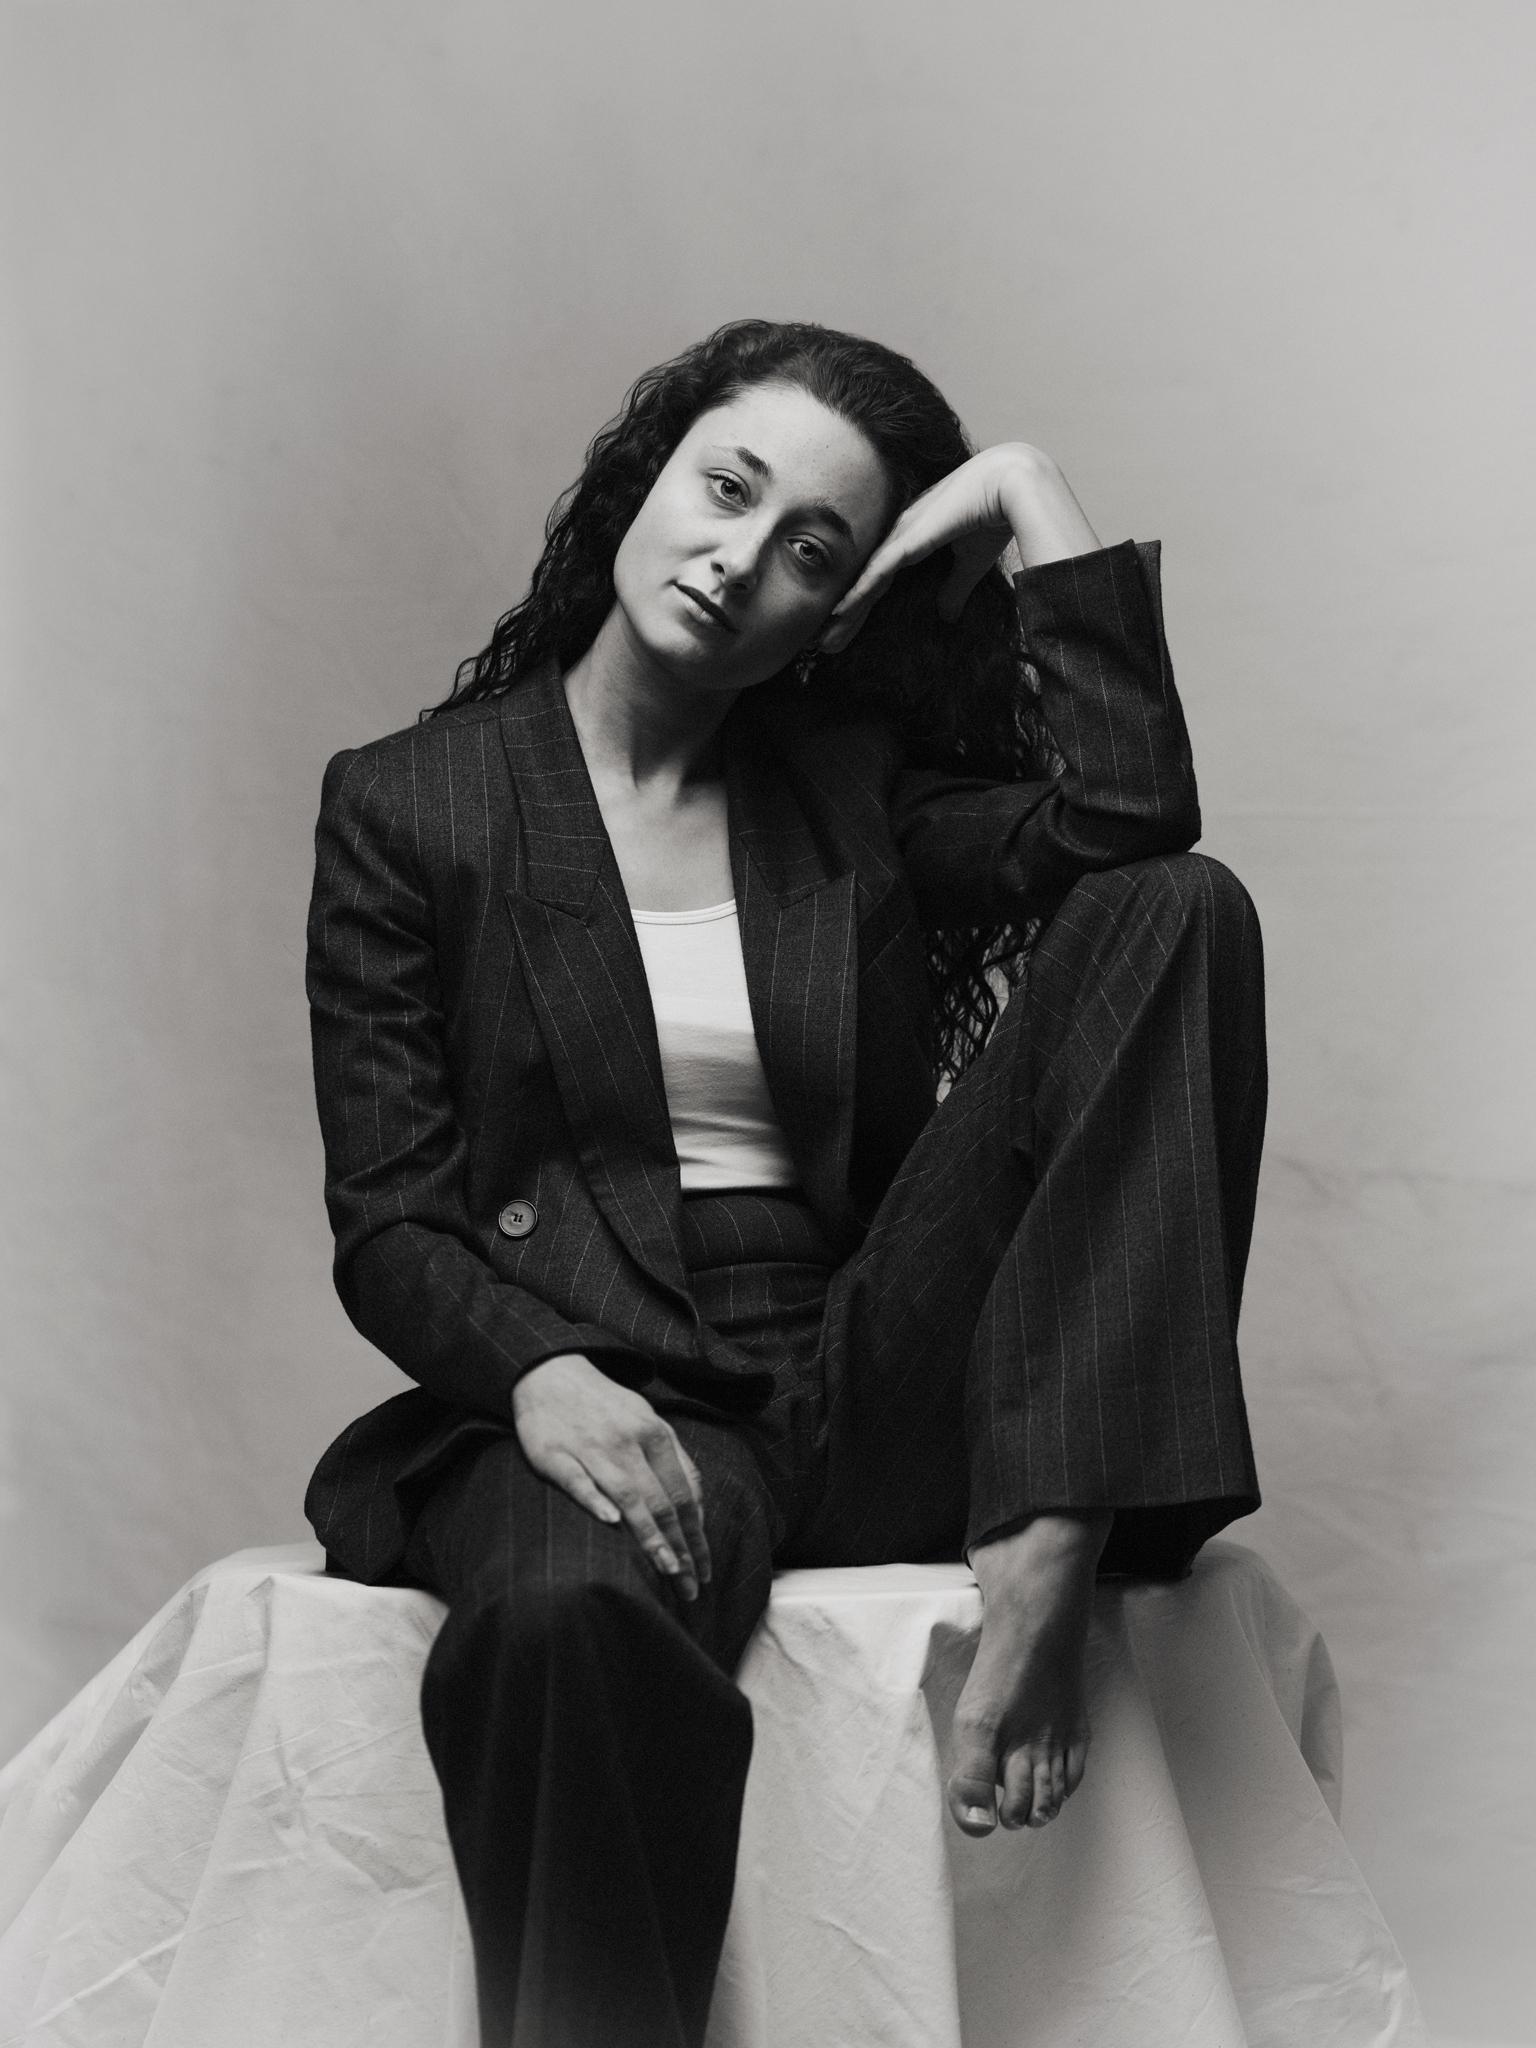 D E M I - * - foto door Marcel-Mellema op 13-04-2021 - deze foto bevat: portret, emotie, studio, vrouw, ogen, zwartwit, monochrome, flitsfotografie, mouw, straatmode, zwart en wit, zwart haar, mode ontwerp, knie, comfort, dij, jas